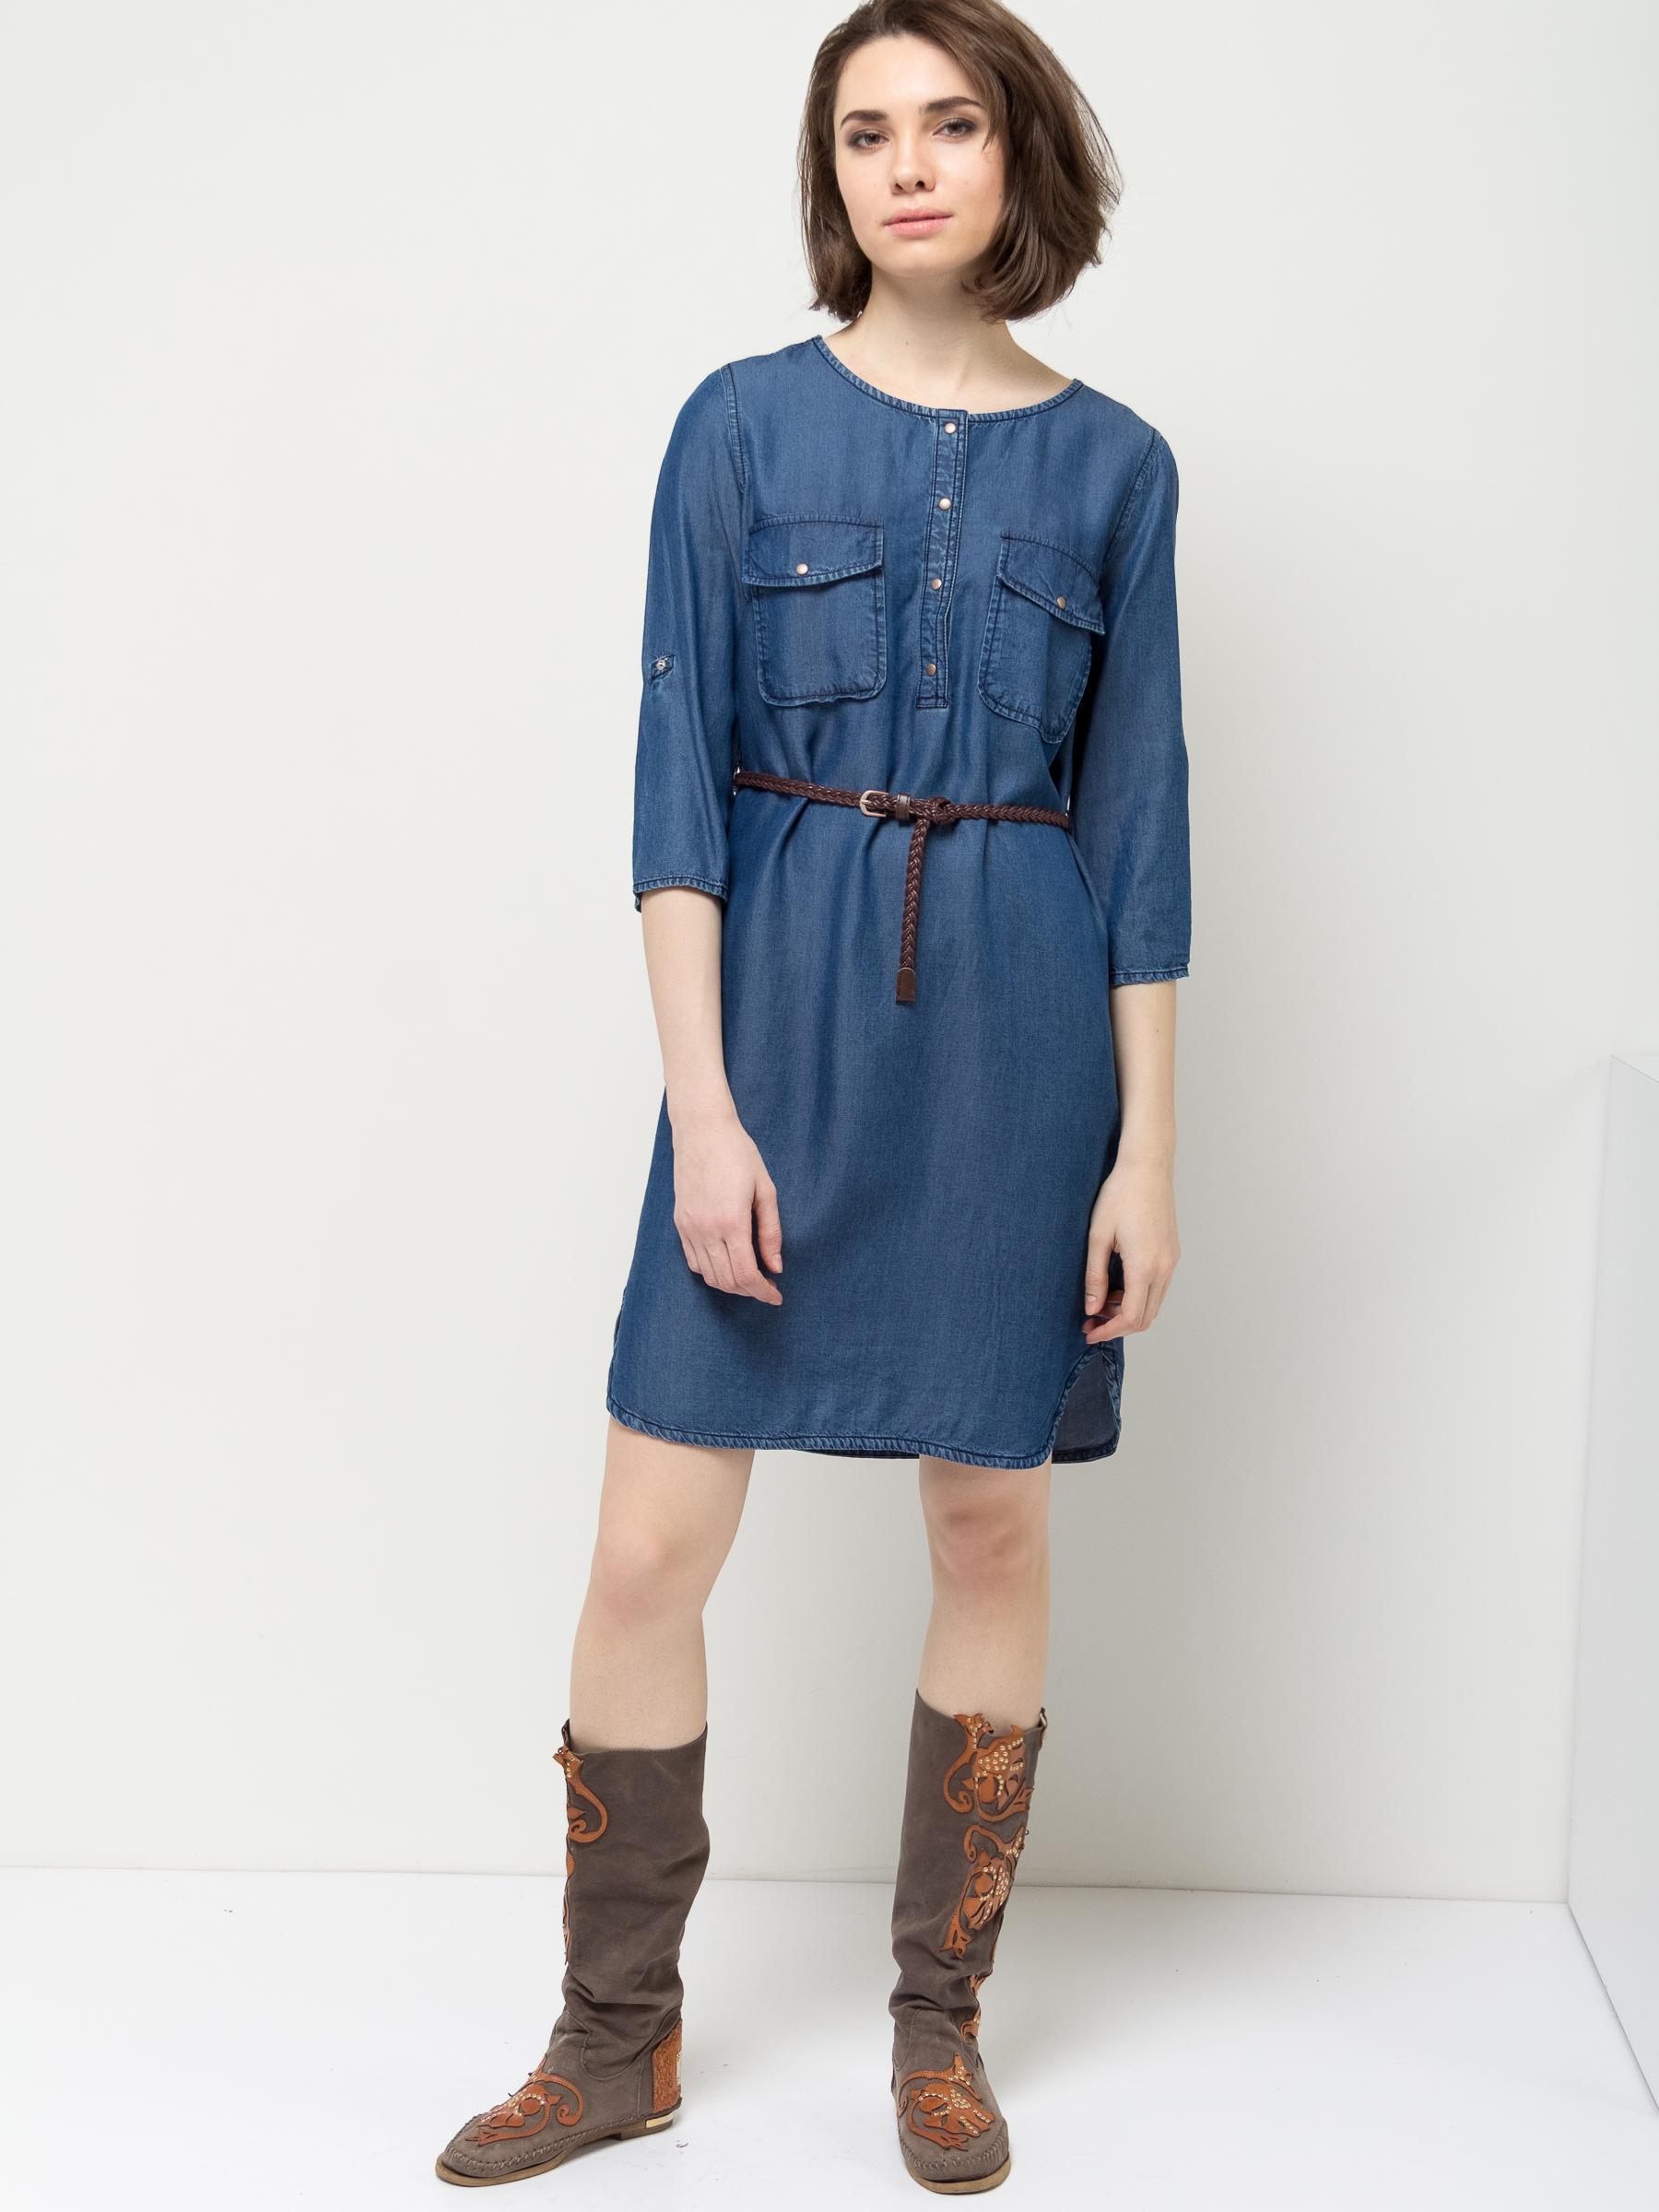 Платье Sela, цвет: синий джинс. Dj-137/012-7161. Размер 50Dj-137/012-7161Стильное платье Sela выполнено из легкого материала, имитирующего джинс. Модель А-силуэта с круглым вырезом горловины и рукавами 3/4 застегивается на кнопки до середины груди и дополнена двумя накладными карманами с клапанами. Линию талии подчеркивает входящий в комплект плетеный ремешок из искусственной кожи. Рукава можно подвернуть и зафиксировать при помощи хлястиков на пуговицах. Платье миди-длины подойдет для прогулок и дружеских встреч и станет отличным дополнением гардероба. Мягкая ткань на основе вискозы комфортна и приятна на ощупь.